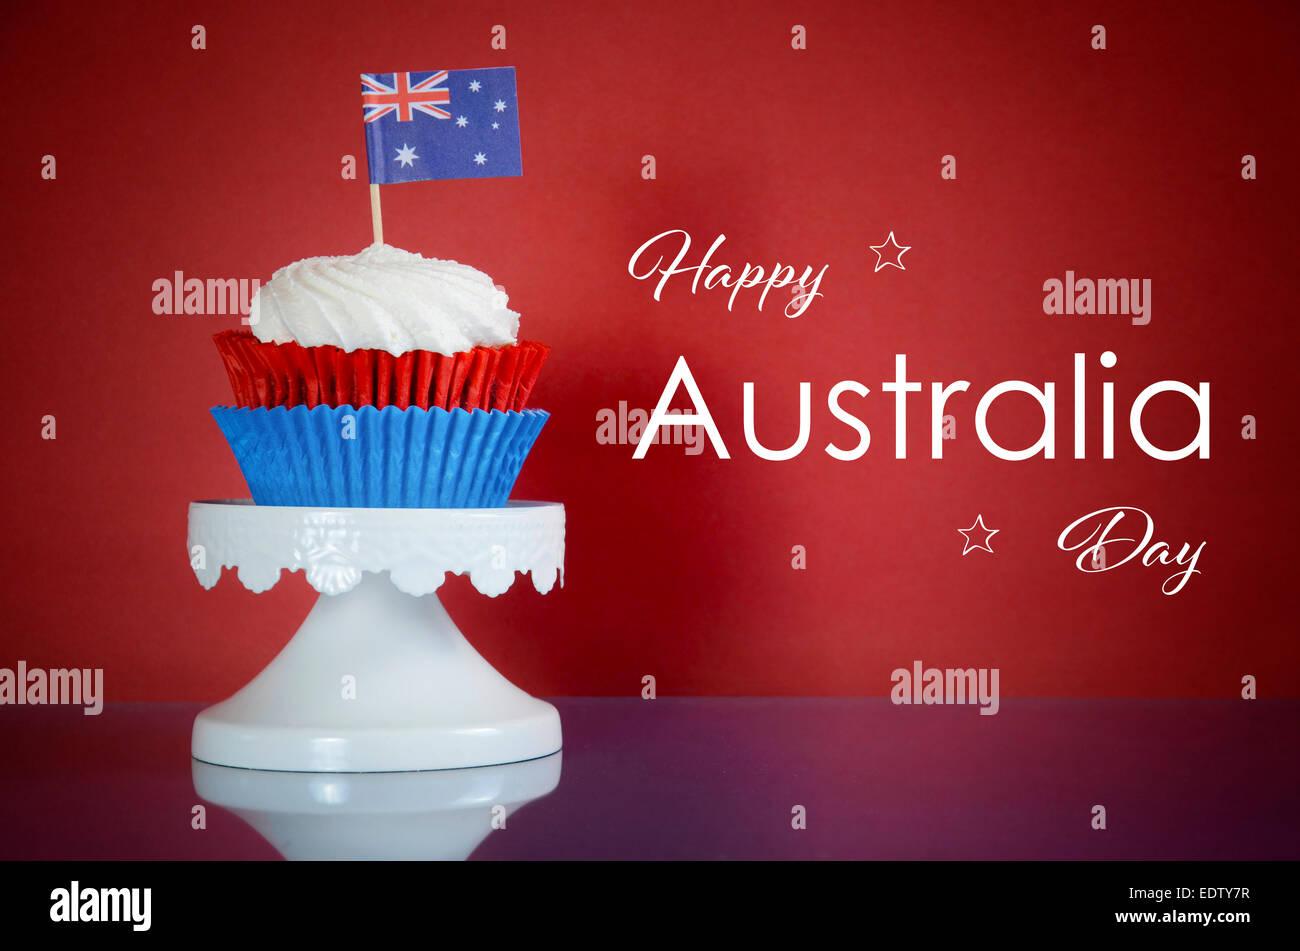 Australia, Australian, Aussie, Down-under, Down Under, downunder, flag, national, nation, Australia day, Anzac day, - Stock Image